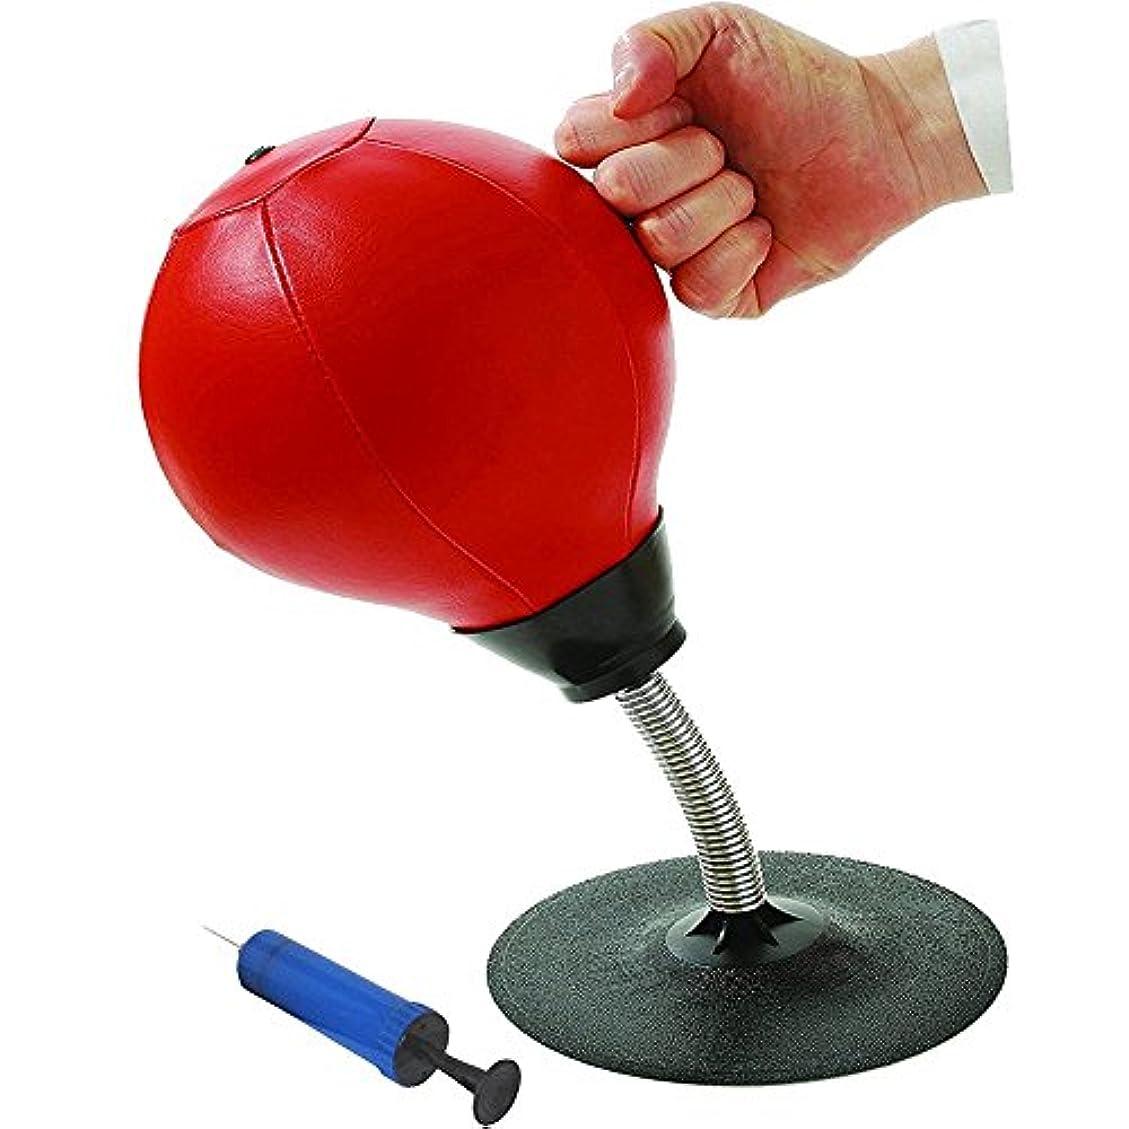 ドラフトベテラン戻すストレス解消 パンチボール ストレスバスター